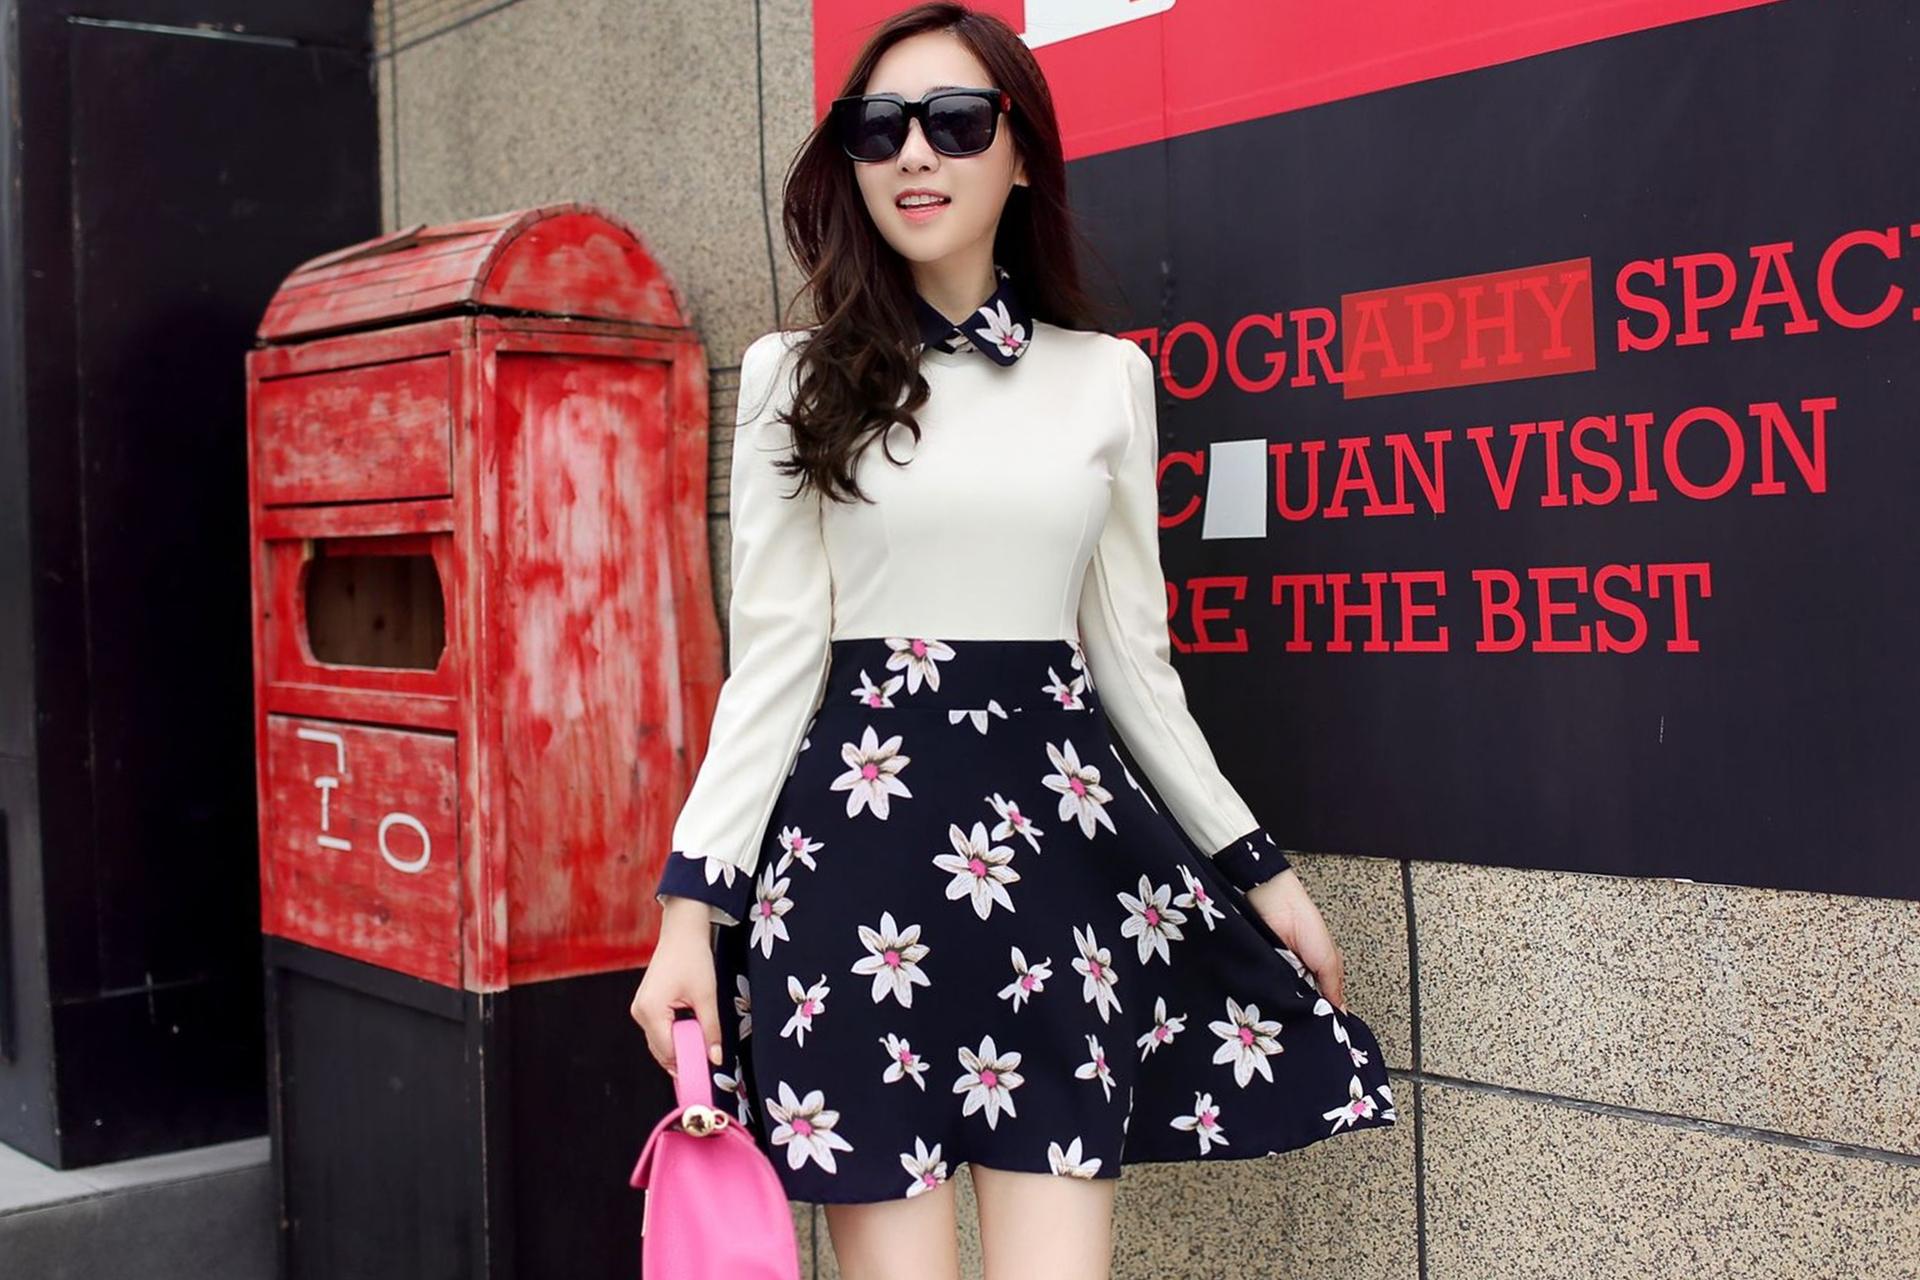 ชุดเดรสสั้นลายดอกไม้ โทนสีครีม-กรมท่า คอปก แขนยาว สวยหวาน น่ารักๆสไตล์เกาหลี